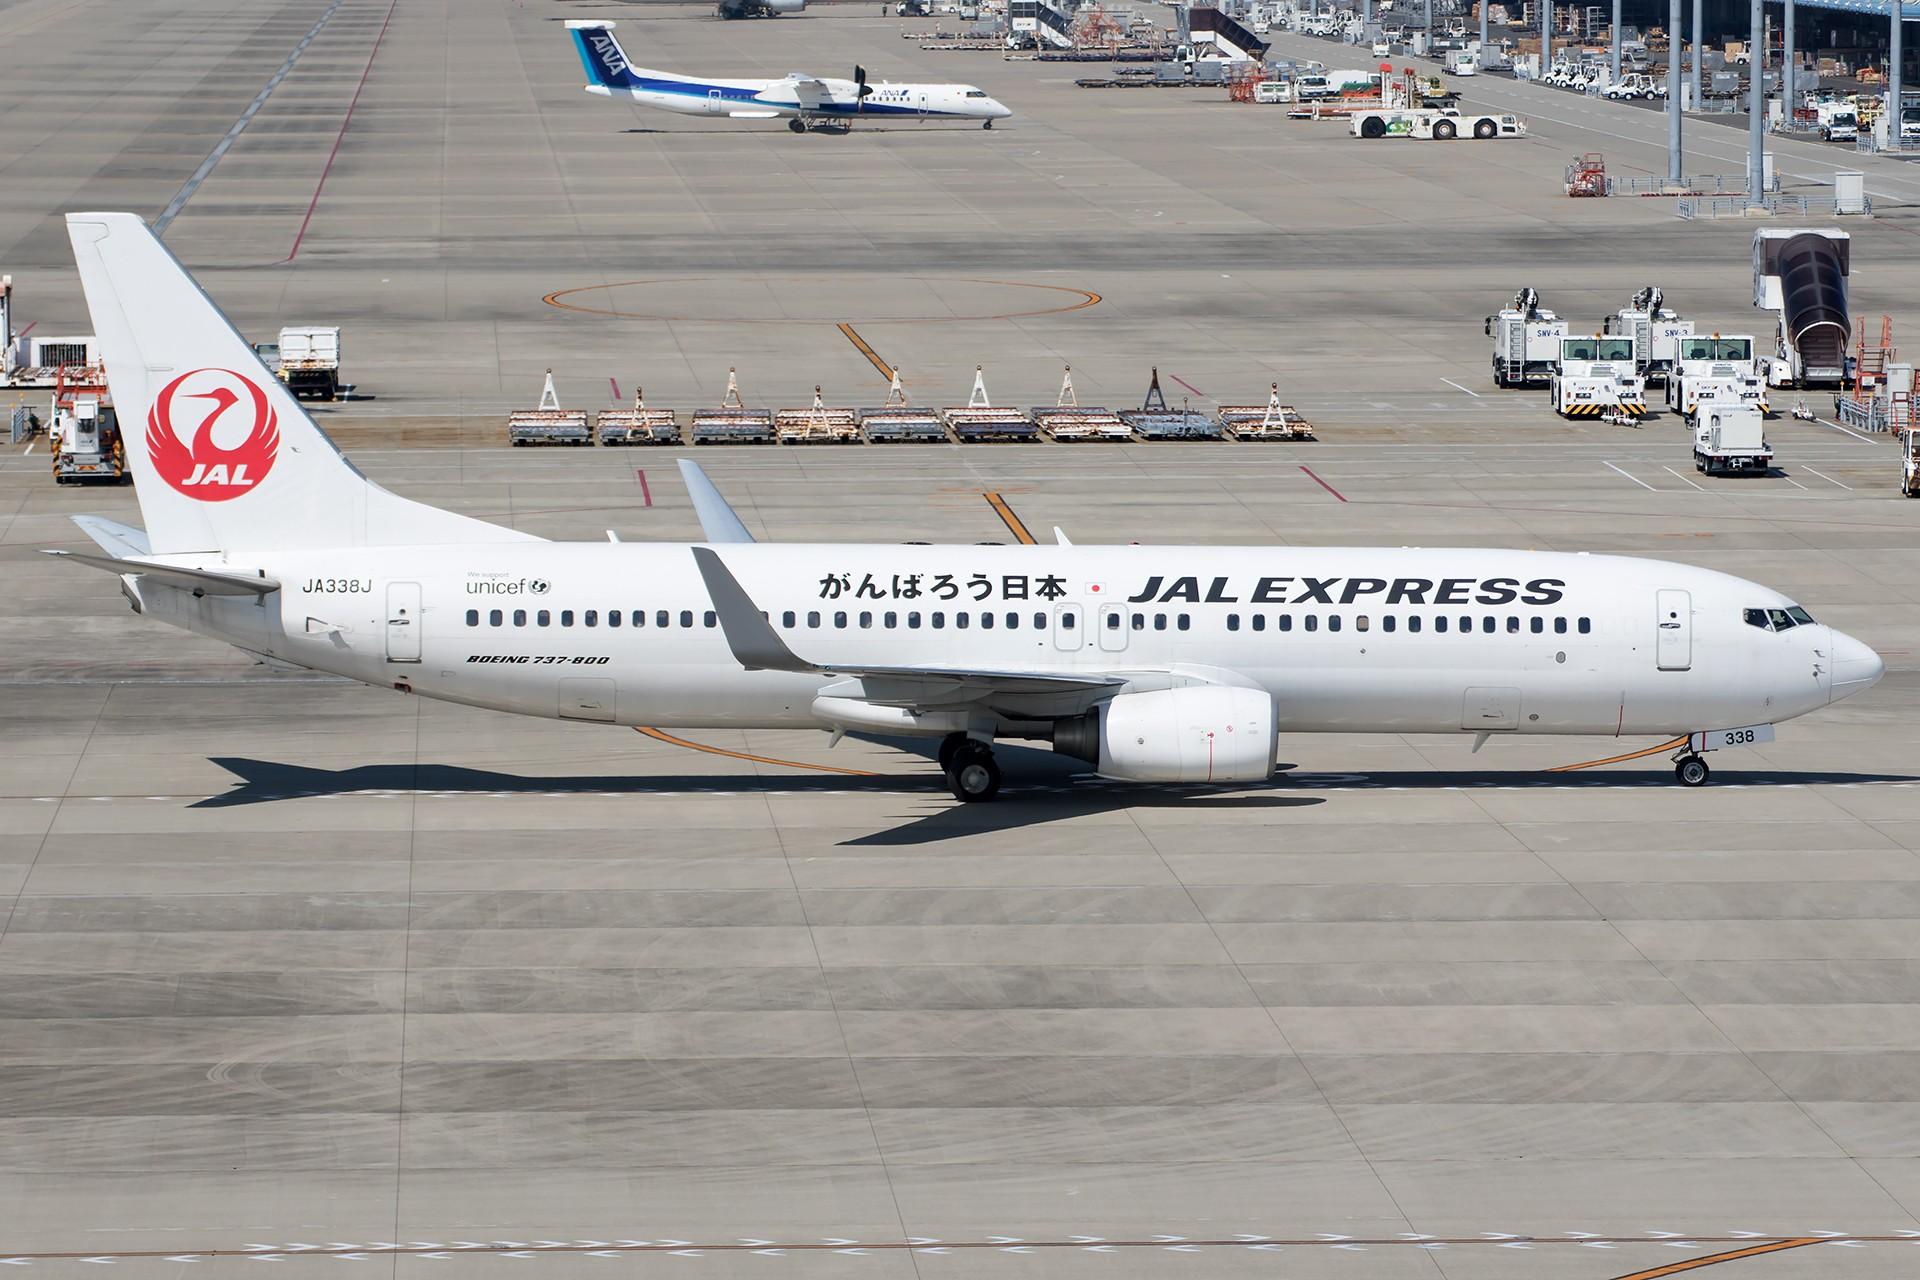 Re:[原创]【1920/1800】魅力名古屋,魅力新特里亚。——名古屋拍机组图(1) BOEING 737-800 JA338J 日本名古屋中部/新特丽亚机场